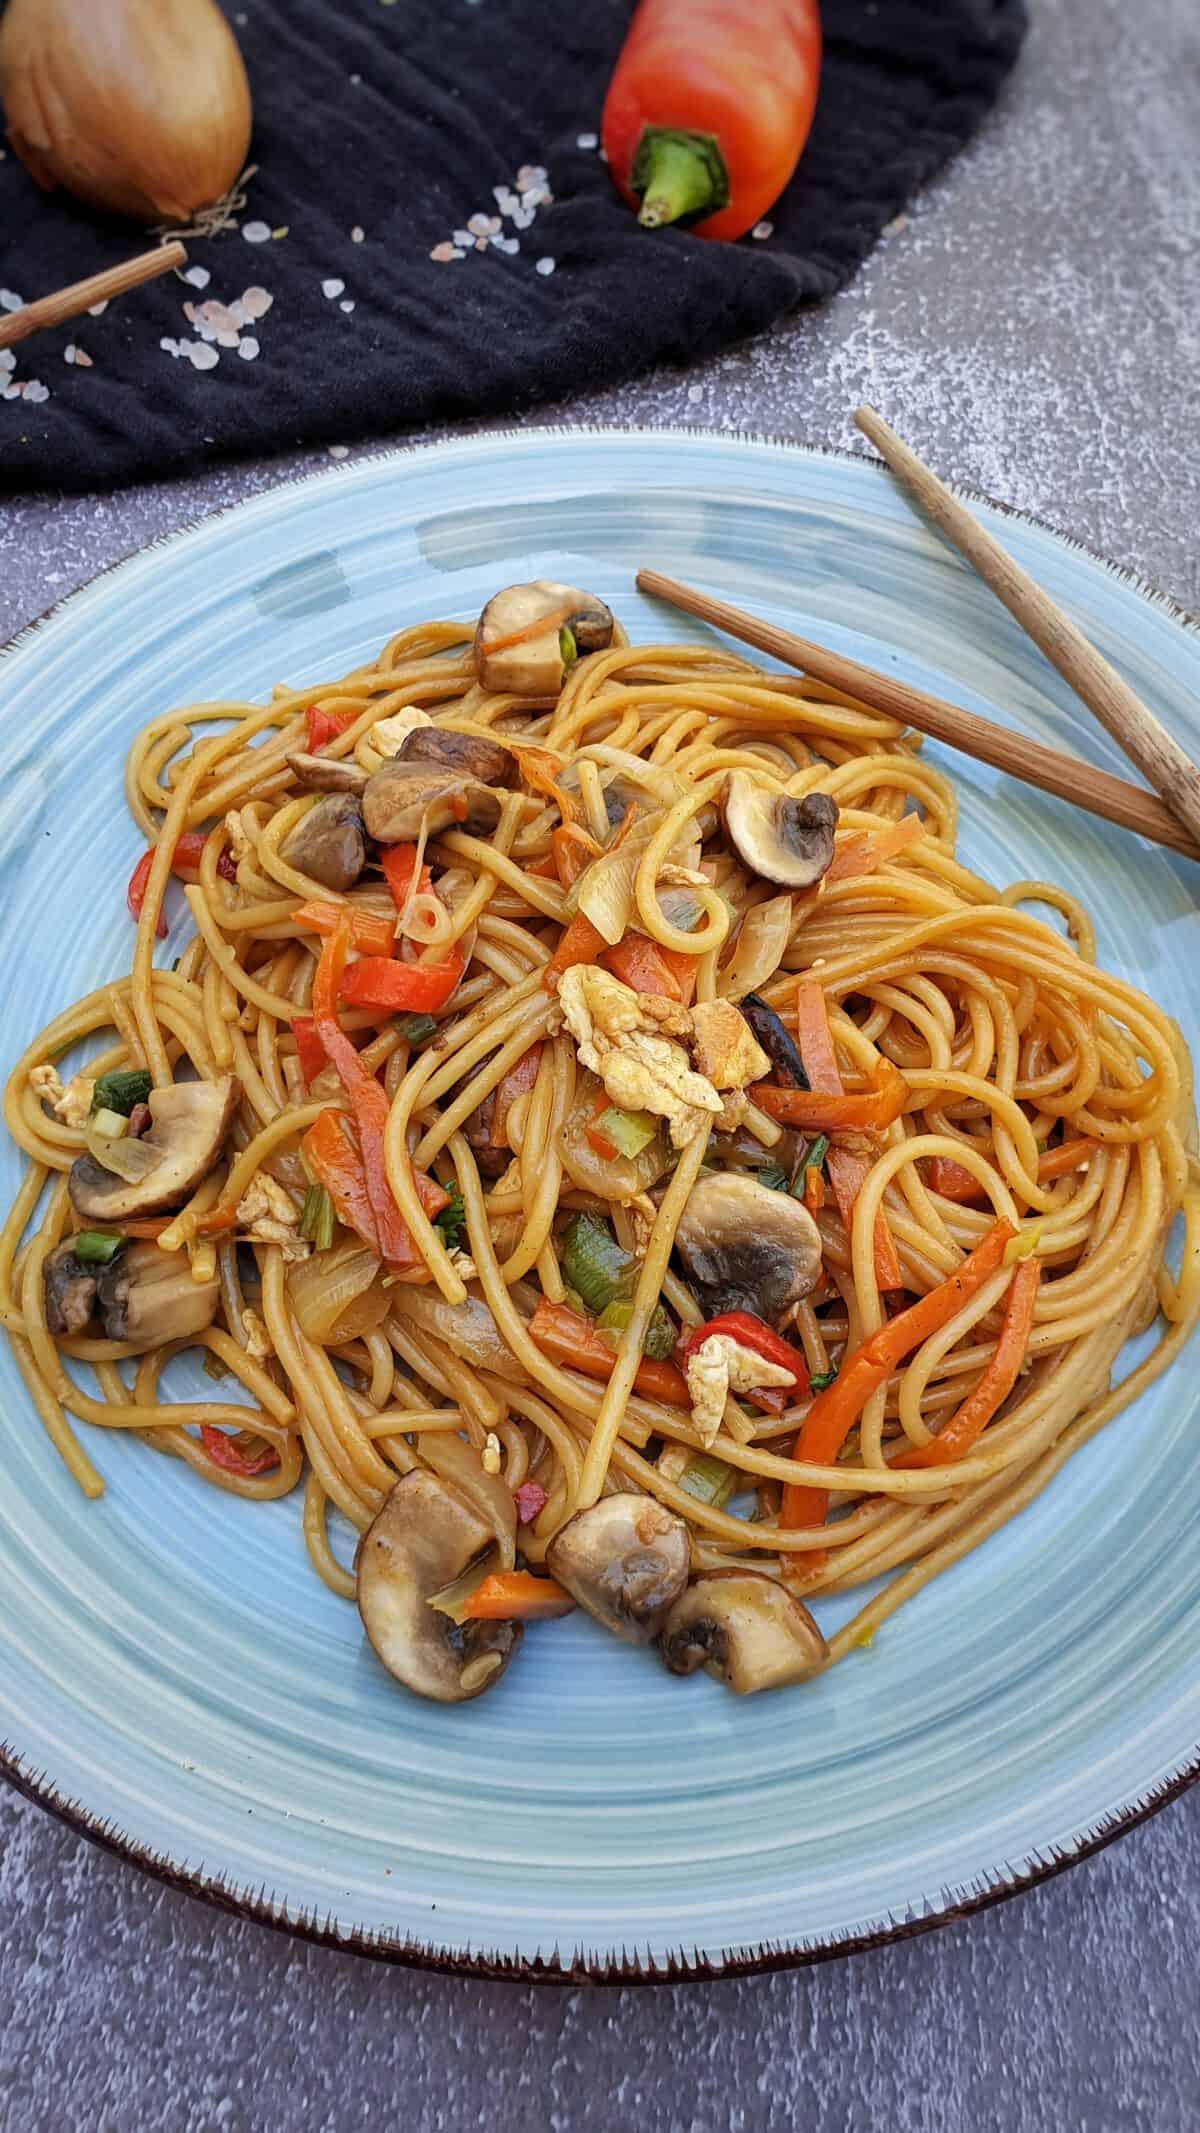 Auf einem blauen Teller angerichtet asiatisch gebratene Nudeln mit Gemüse.